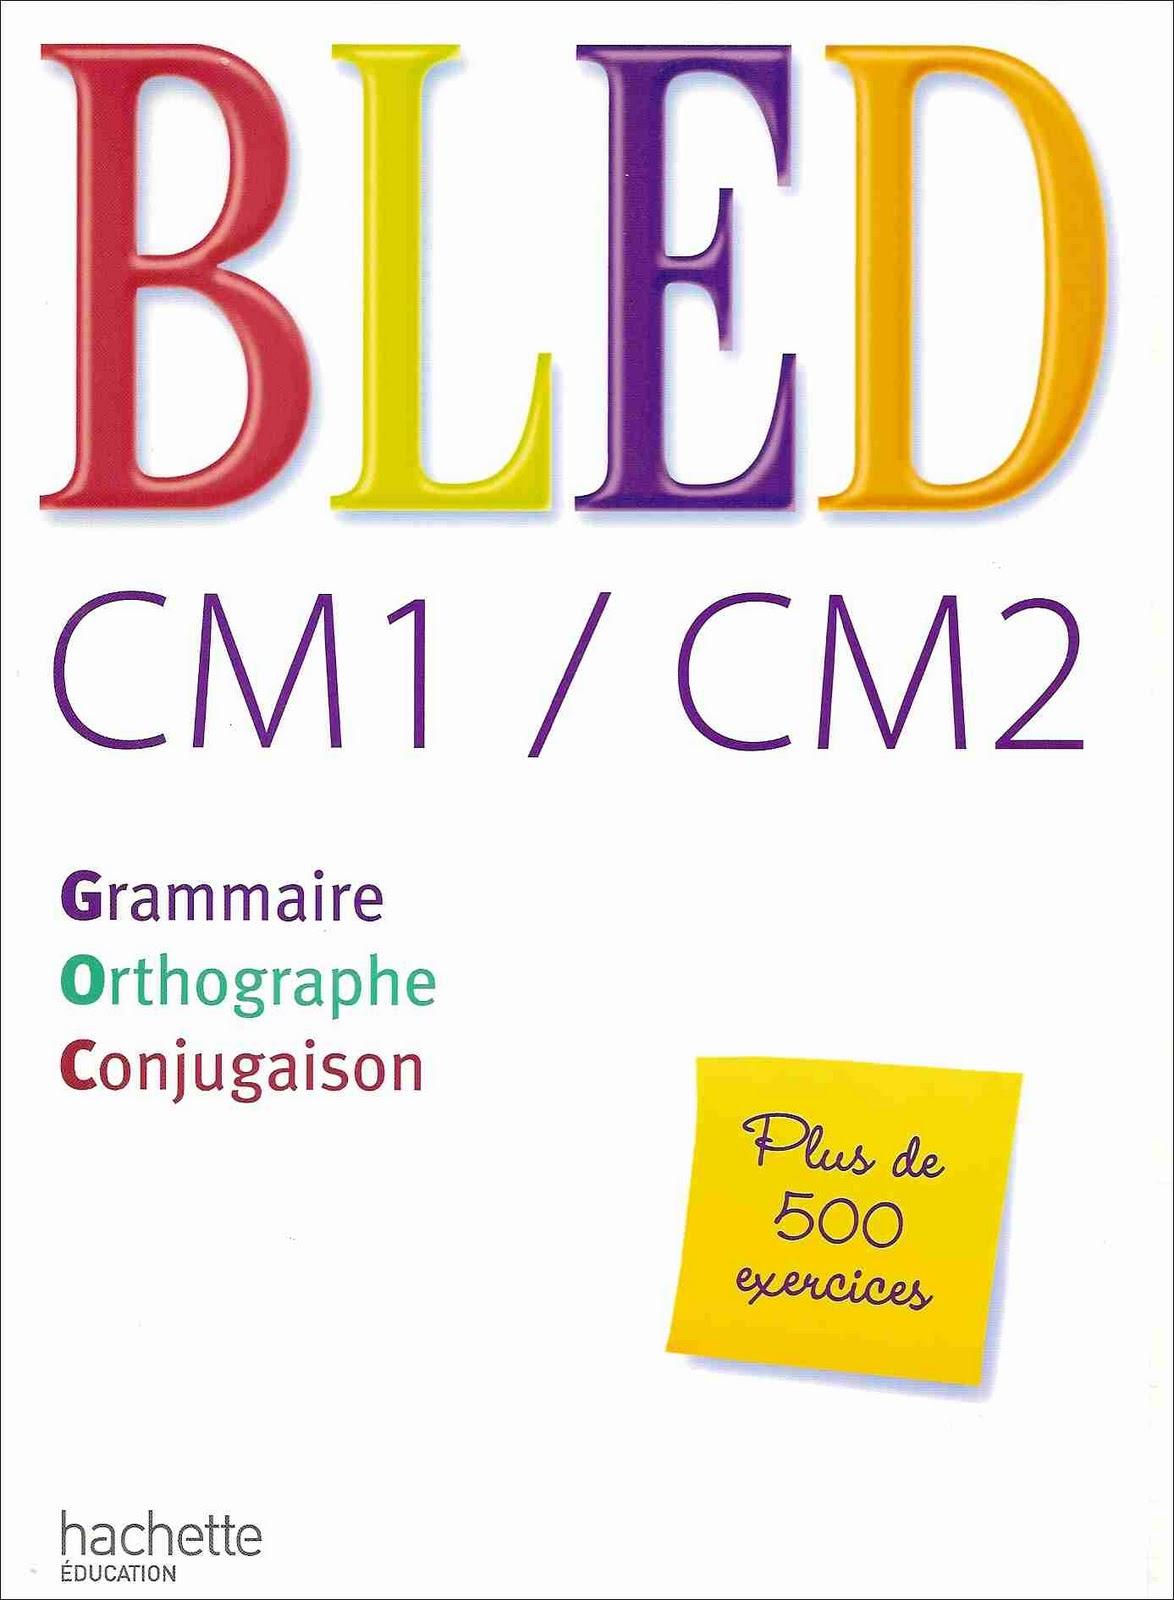 école : références: BLED CM1/CM2 Grammaire-Orthographe-Conjugaison (2008)